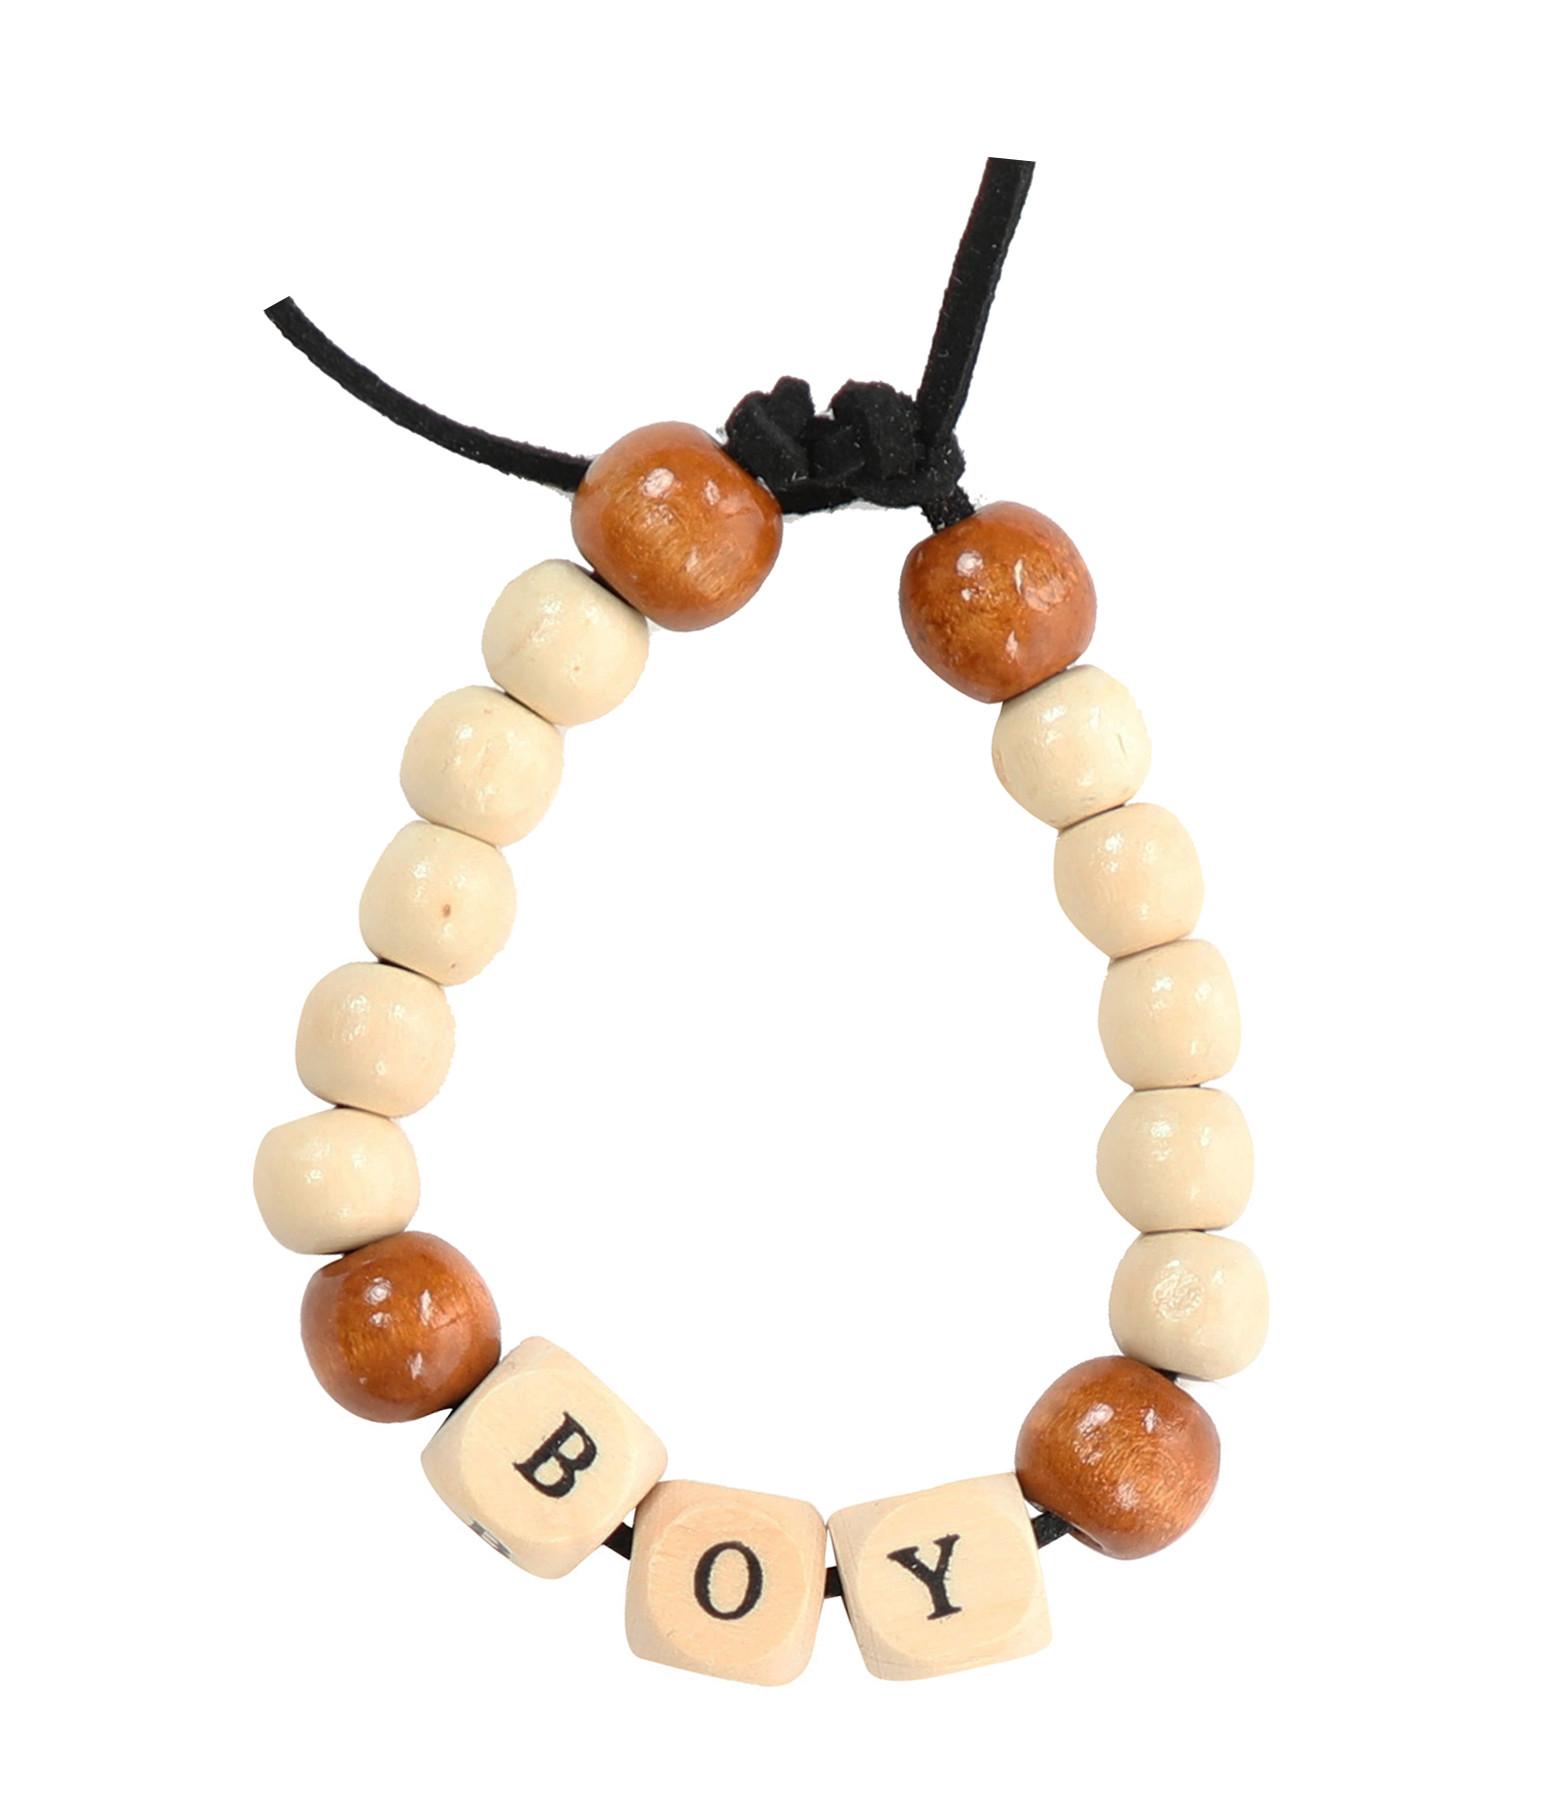 LAUREN RUBINSKI - Bracelet Love Beads Bois BOY